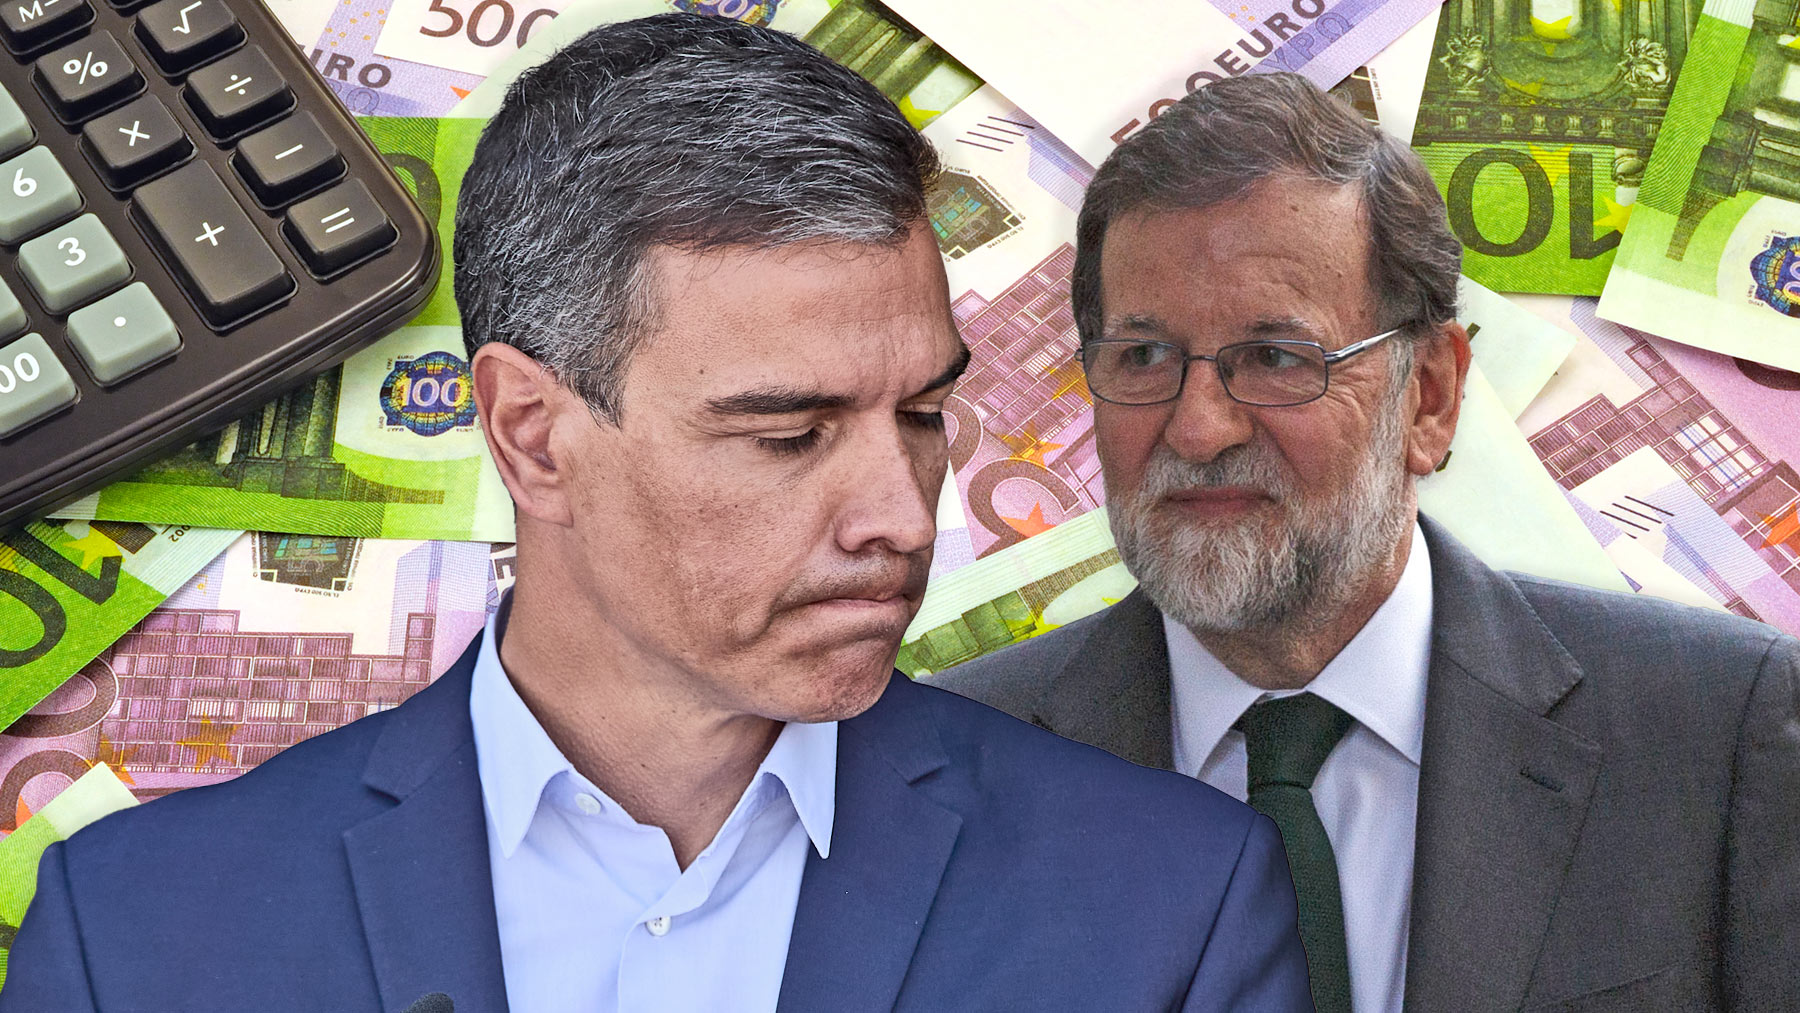 Pedro Sánchez, presidente del Gobierno, y Mariano Rajoy, ex presidente.